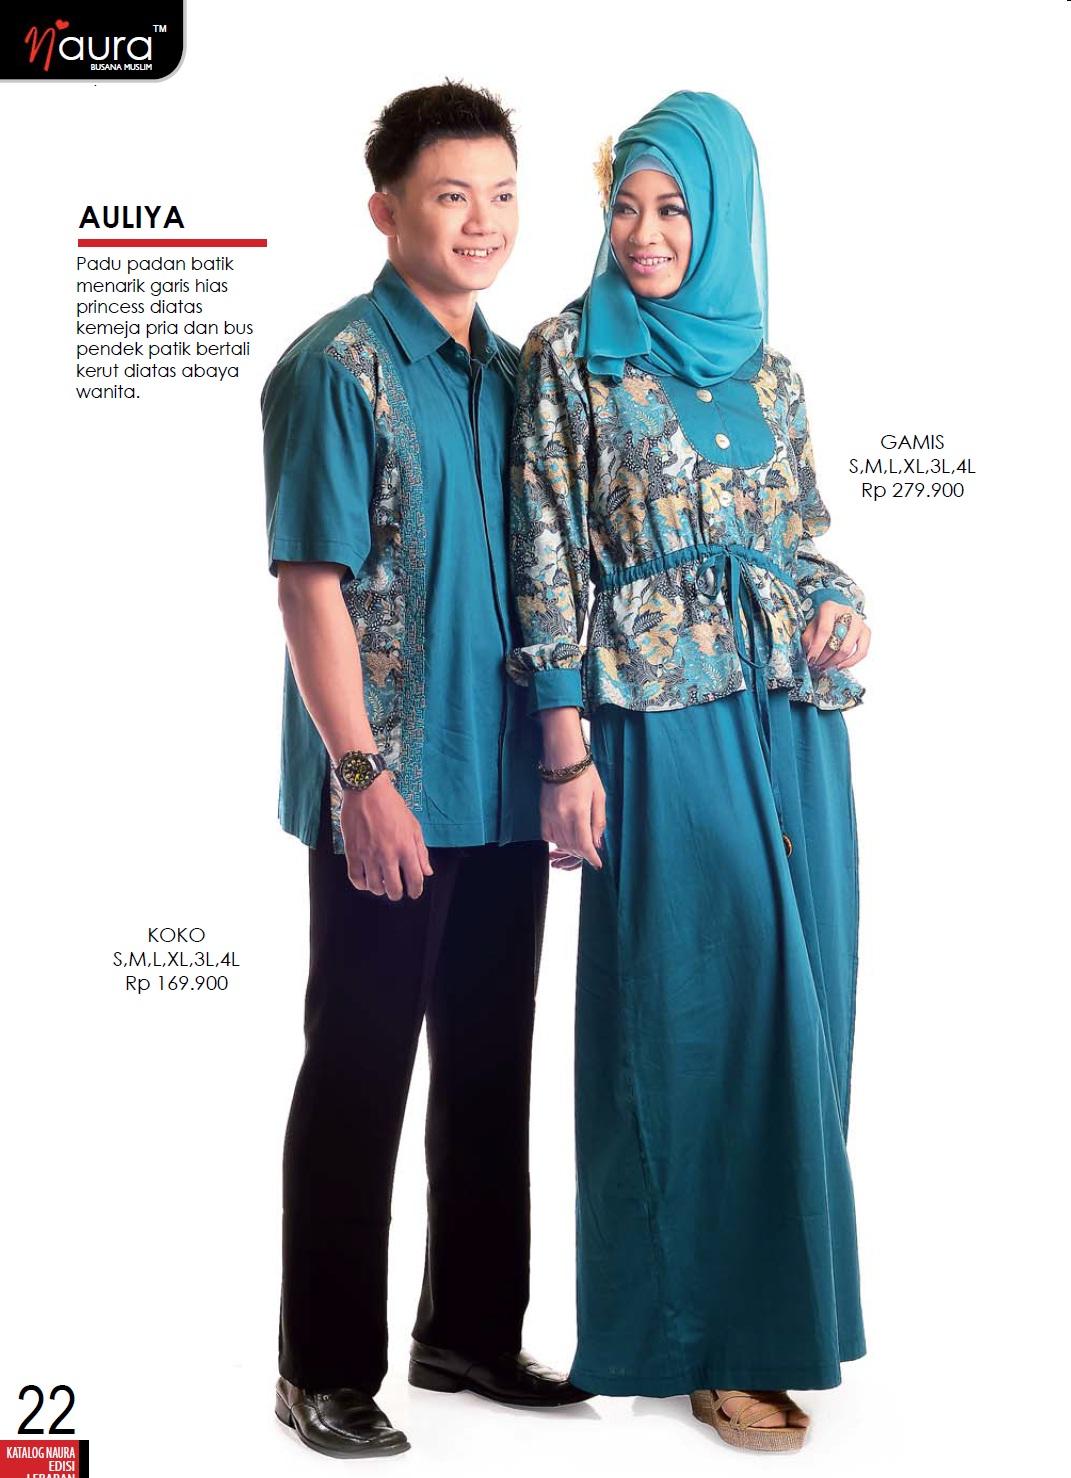 Baju Gamis Terbaru Keluarga Baju Gamis Zoya 2017